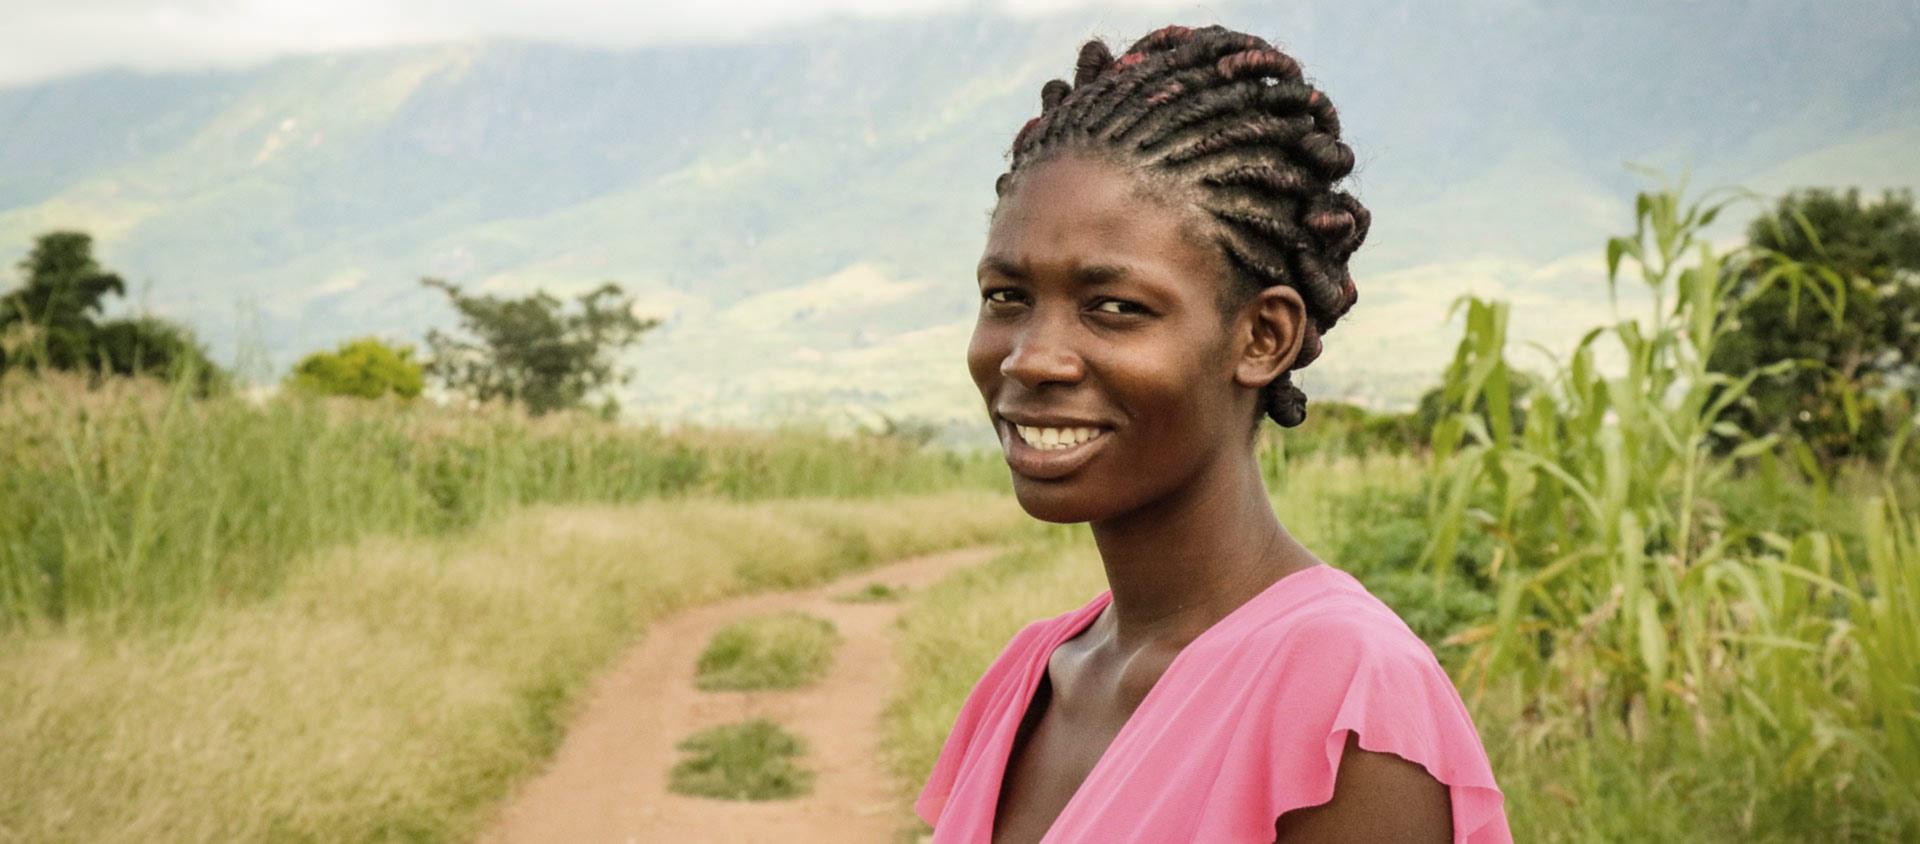 Alinafe kommer från en mycket fattig by i södra Malawi.